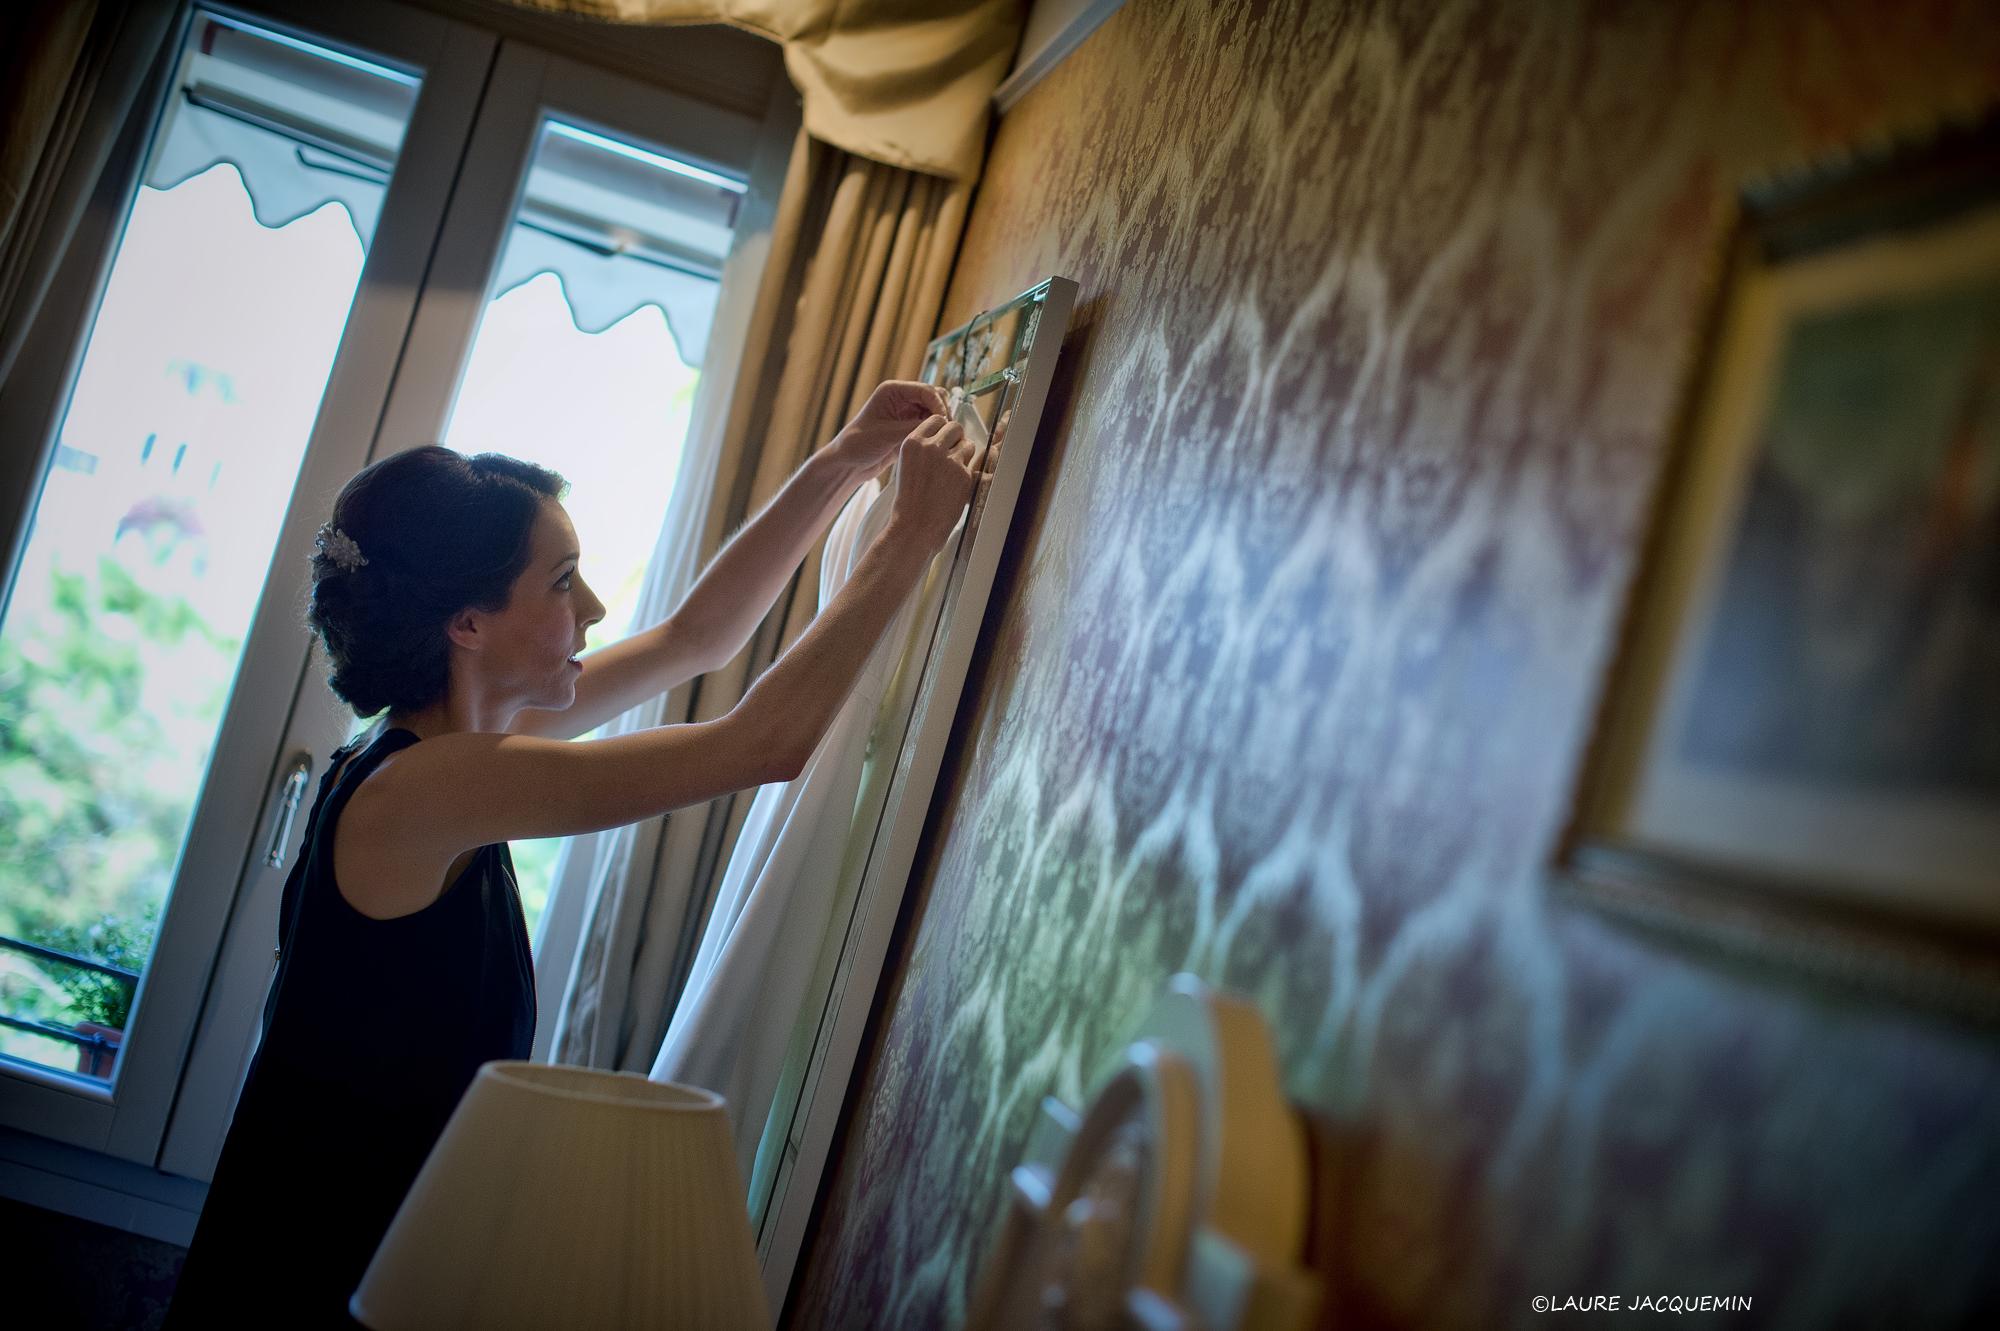 venise mariage photographe laure Jacquemin simbolique jardin venitien gondole (4)